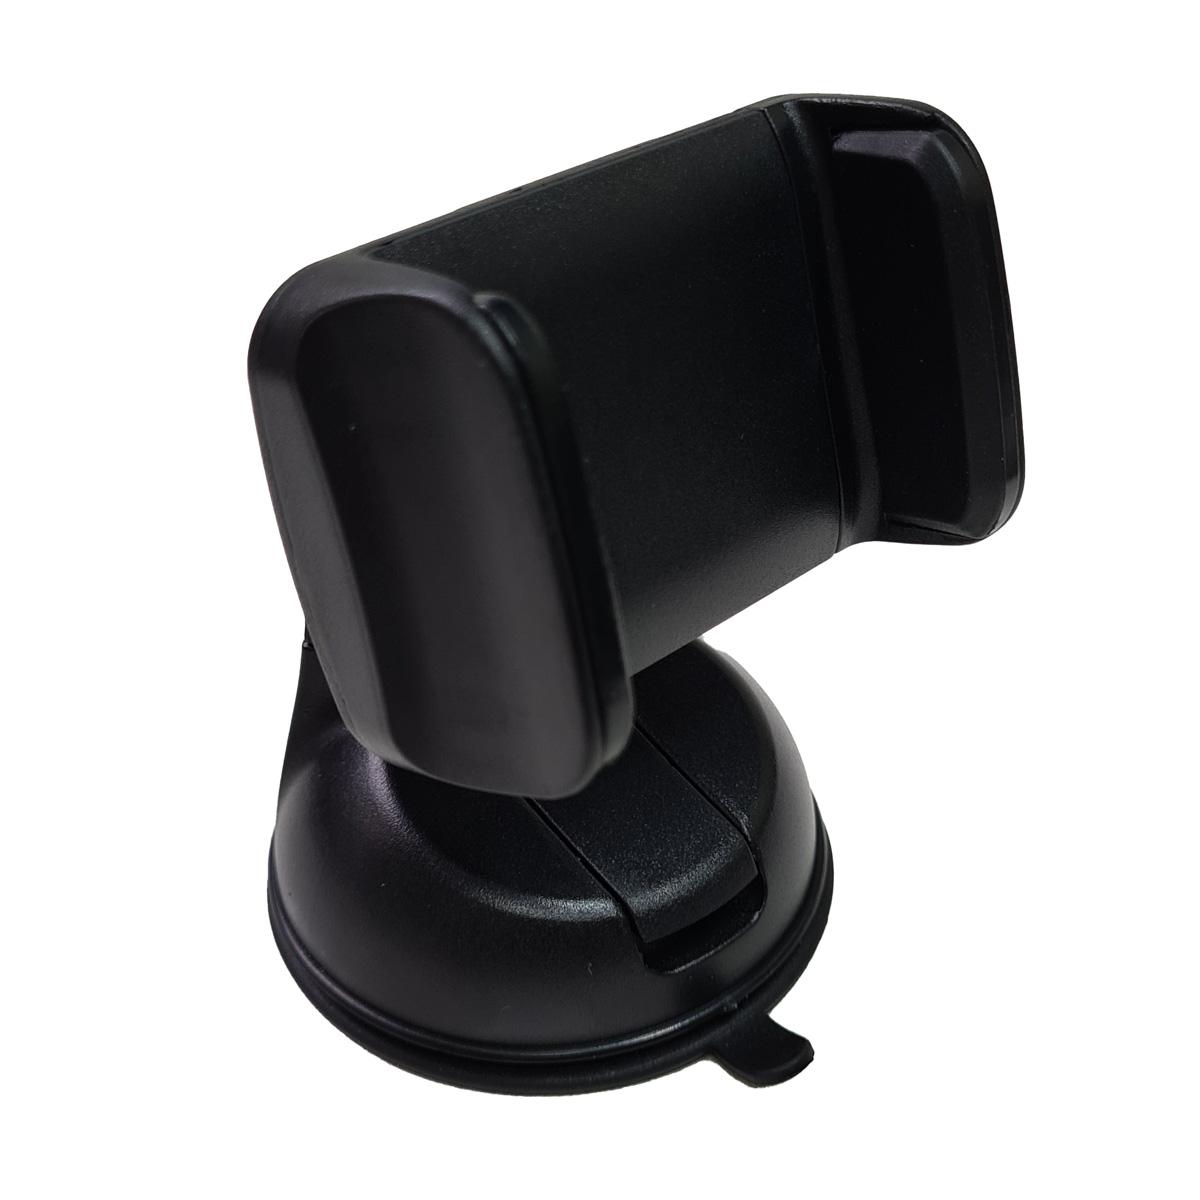 Suporte Veicular Para Celular Smartphone GPS com Ventosa E Painel